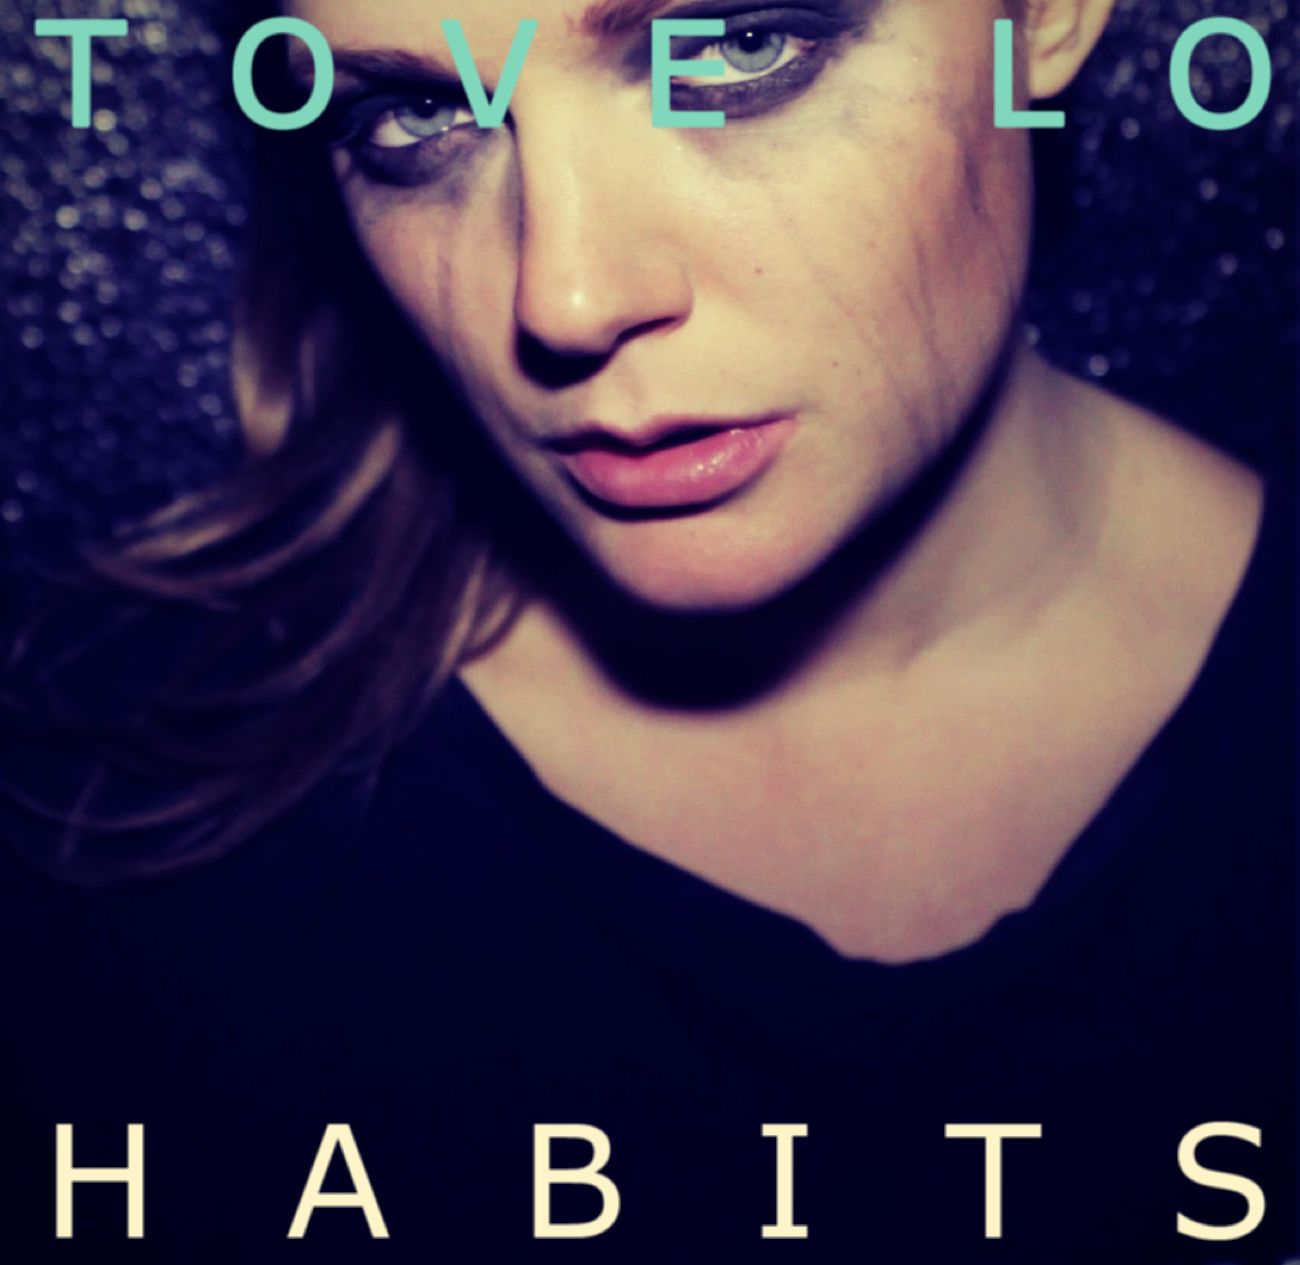 Tove Lo - Habits (Stay High)